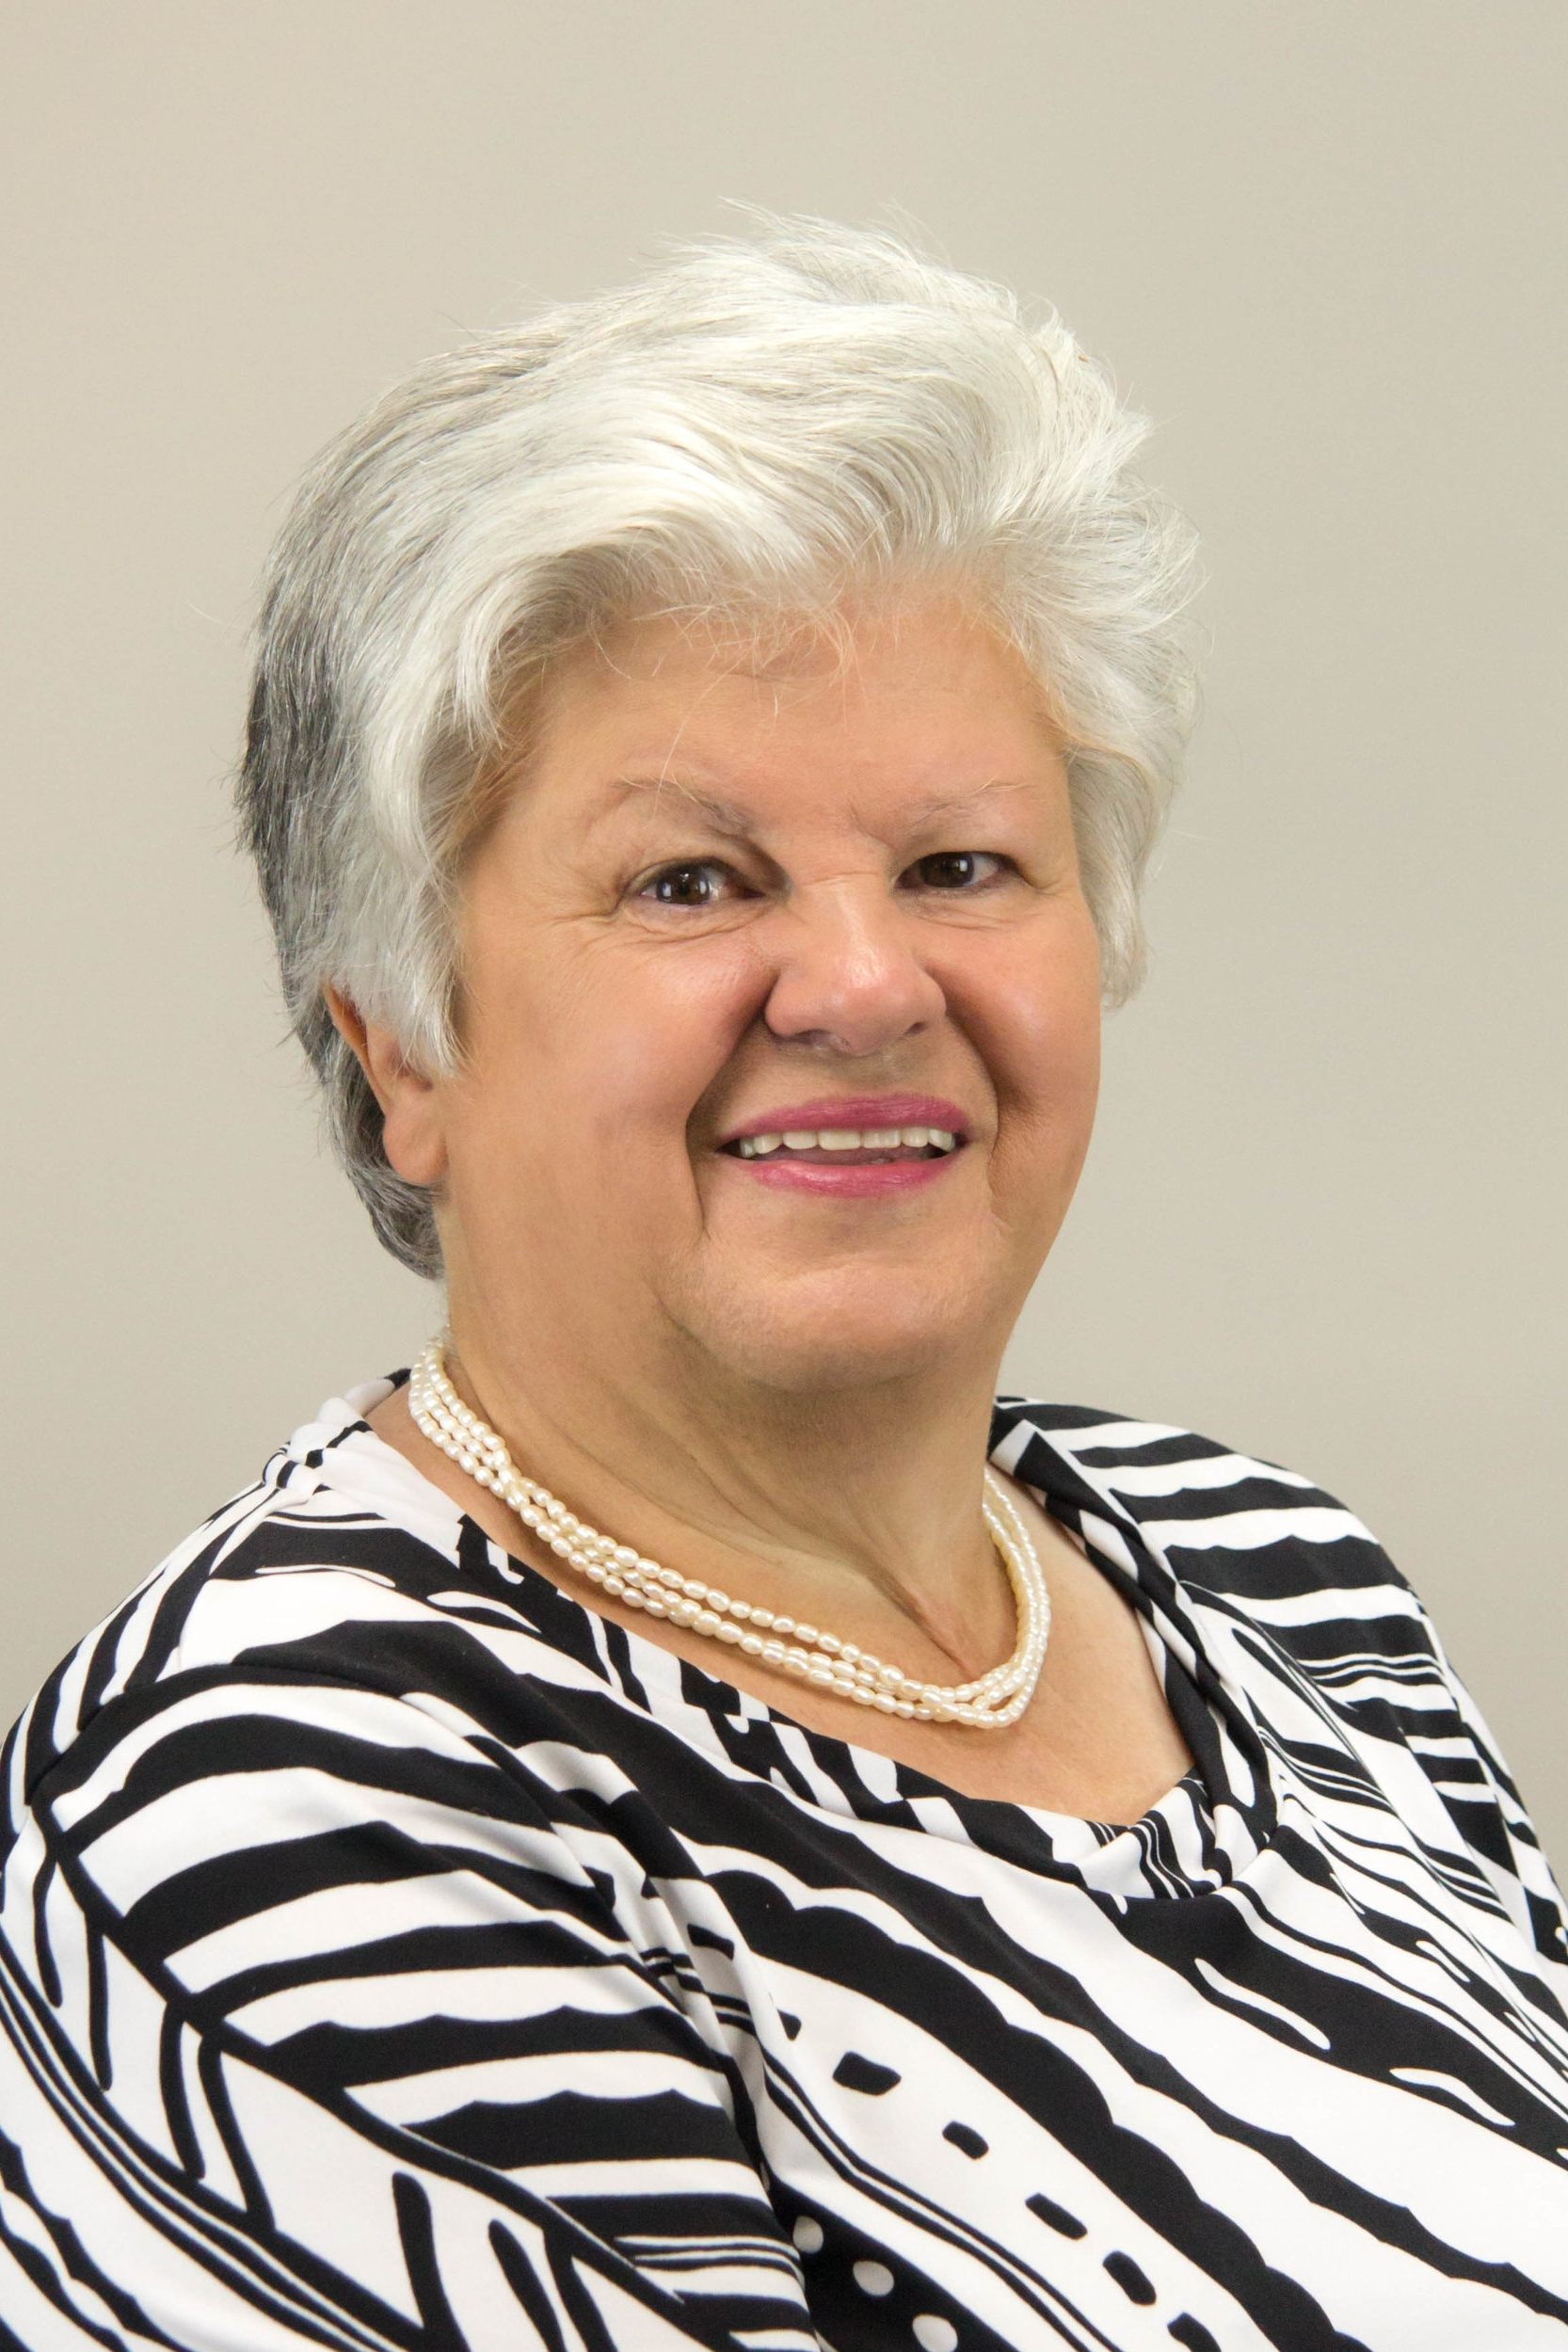 Mayor Kronen Portrait-.jpg